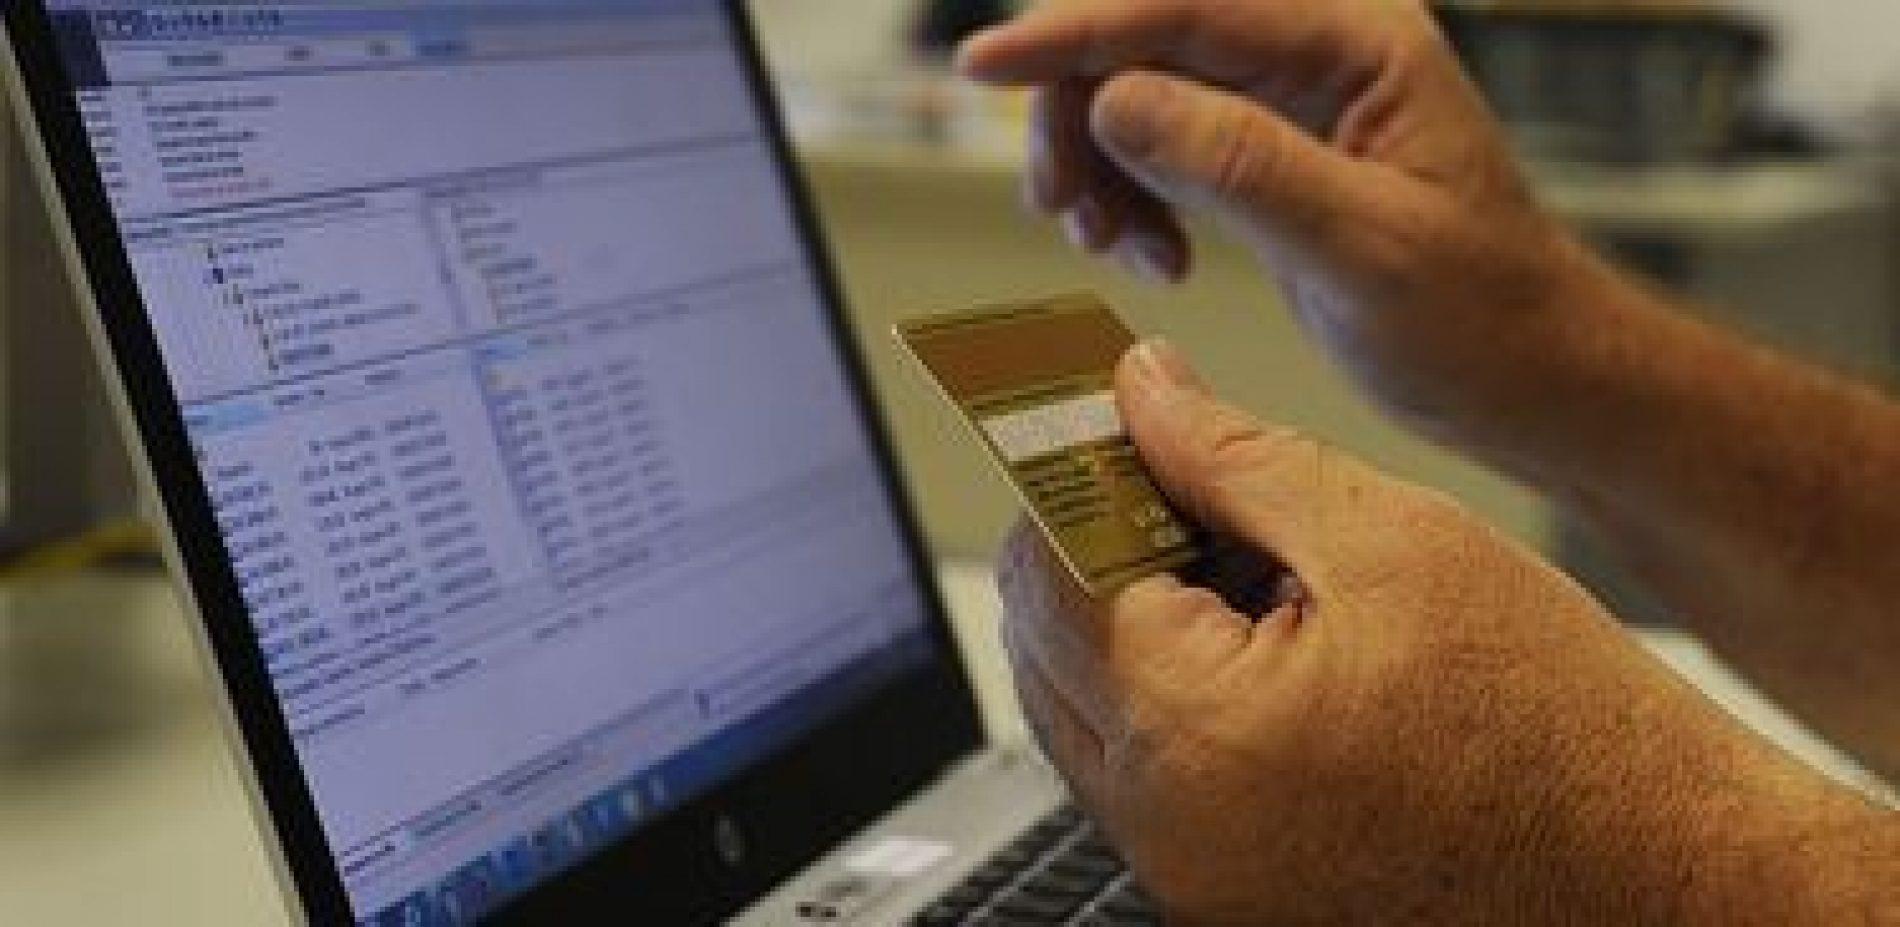 Cerca de 40% dos sites brasileiros não têm certificado de segurança